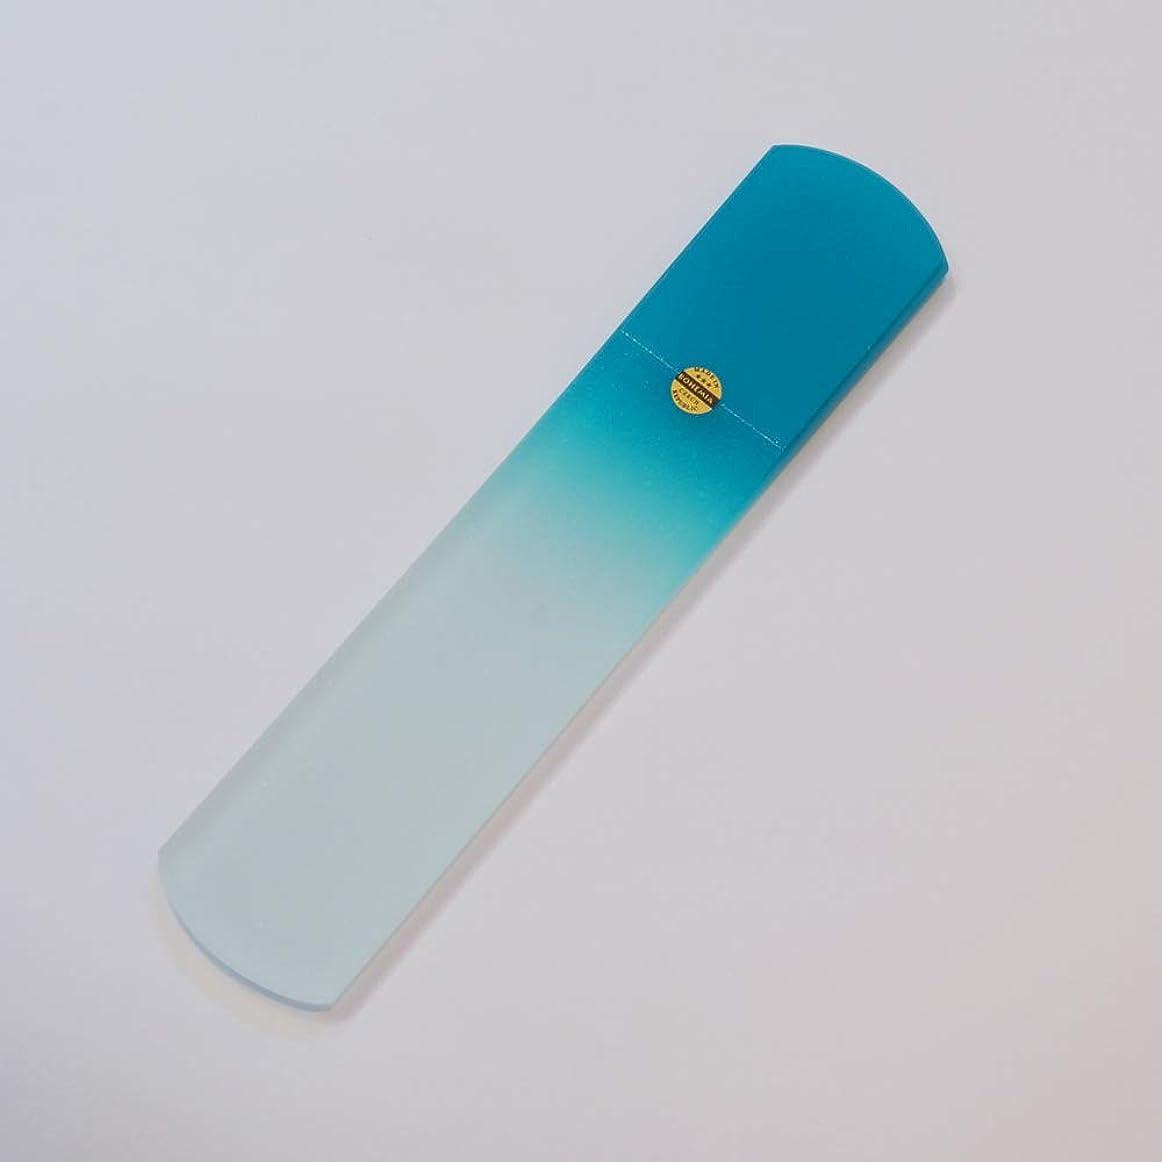 弁護人家禽強要【チェコ製】 ガラスのフットケアファイル かかと やすり 粗/細 両面タイプ パステルブルー